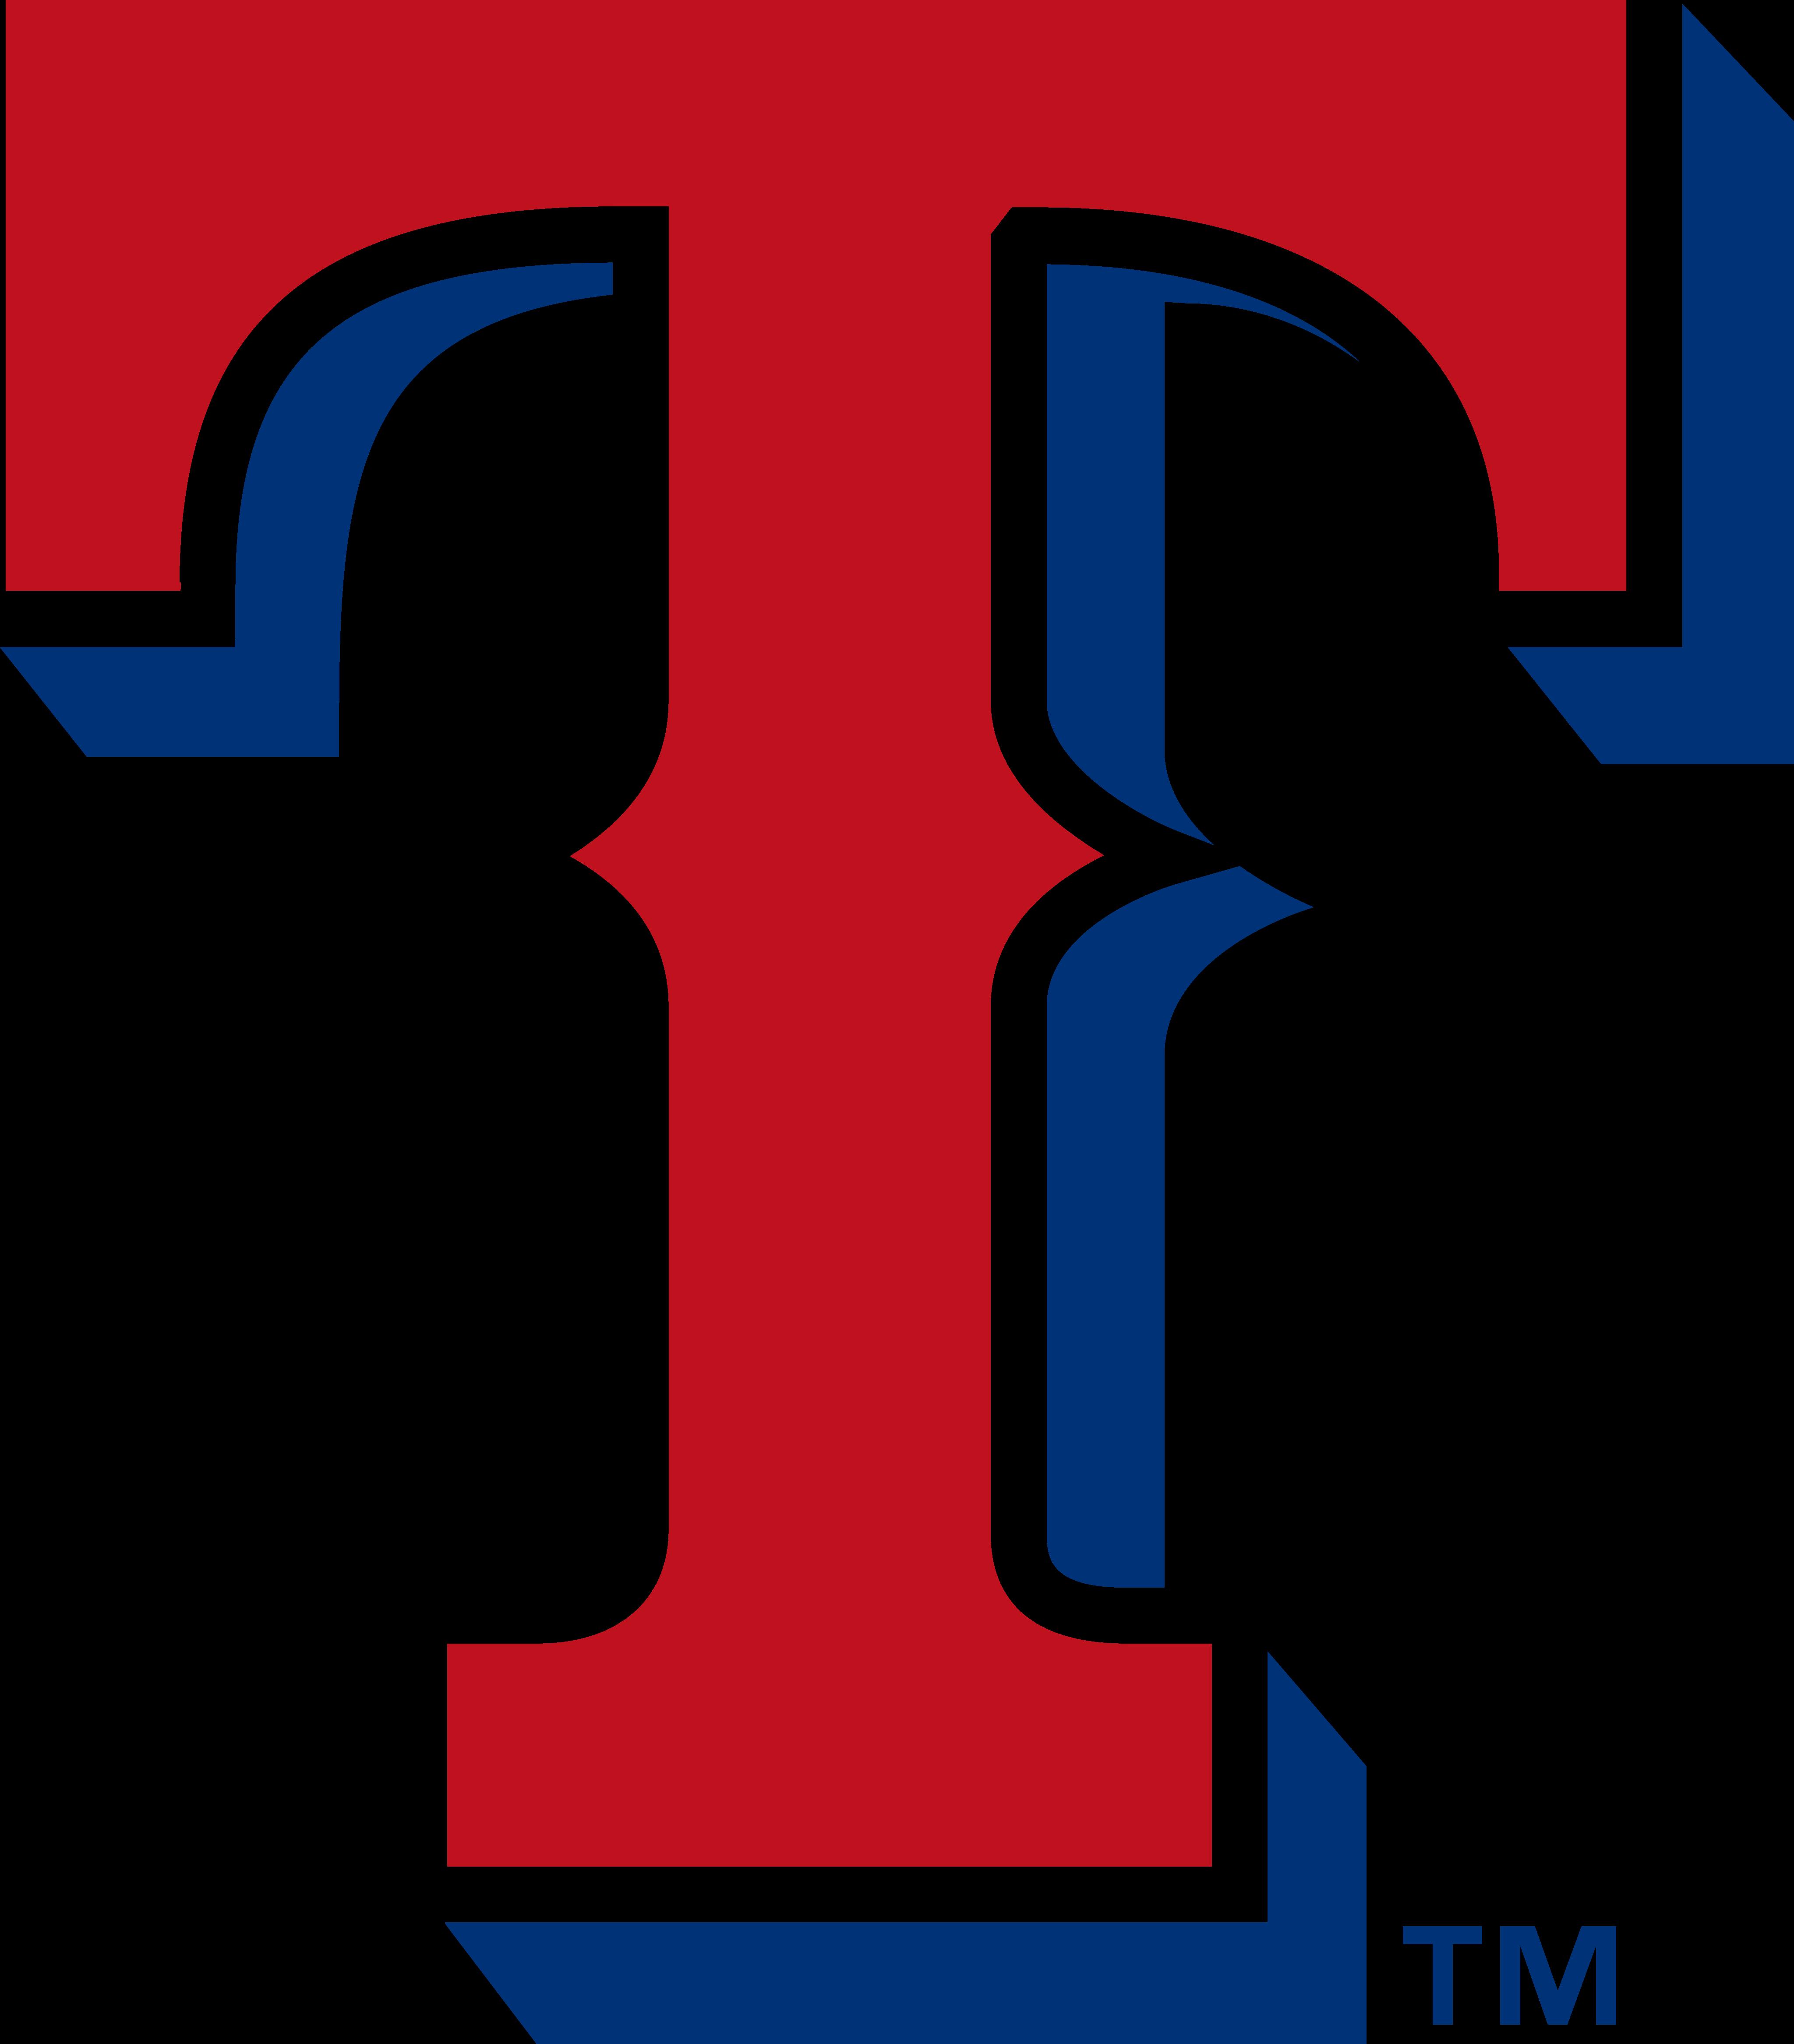 texas rangers logo - Texas Rangers Logo